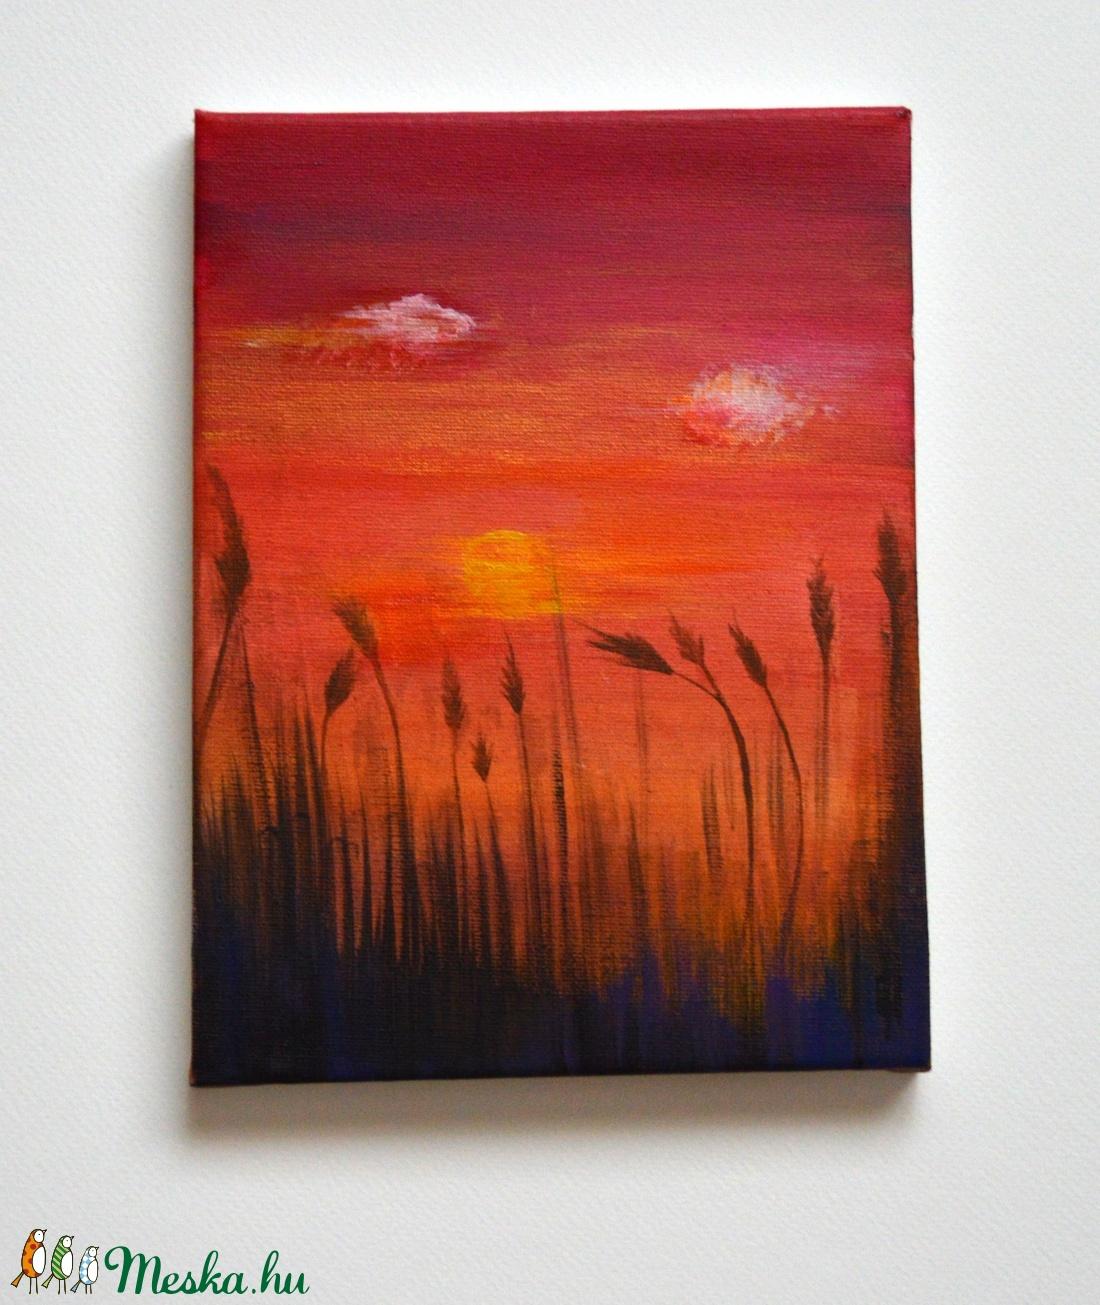 Nádas és naplemente vászon kép (WaterLily) - Meska.hu